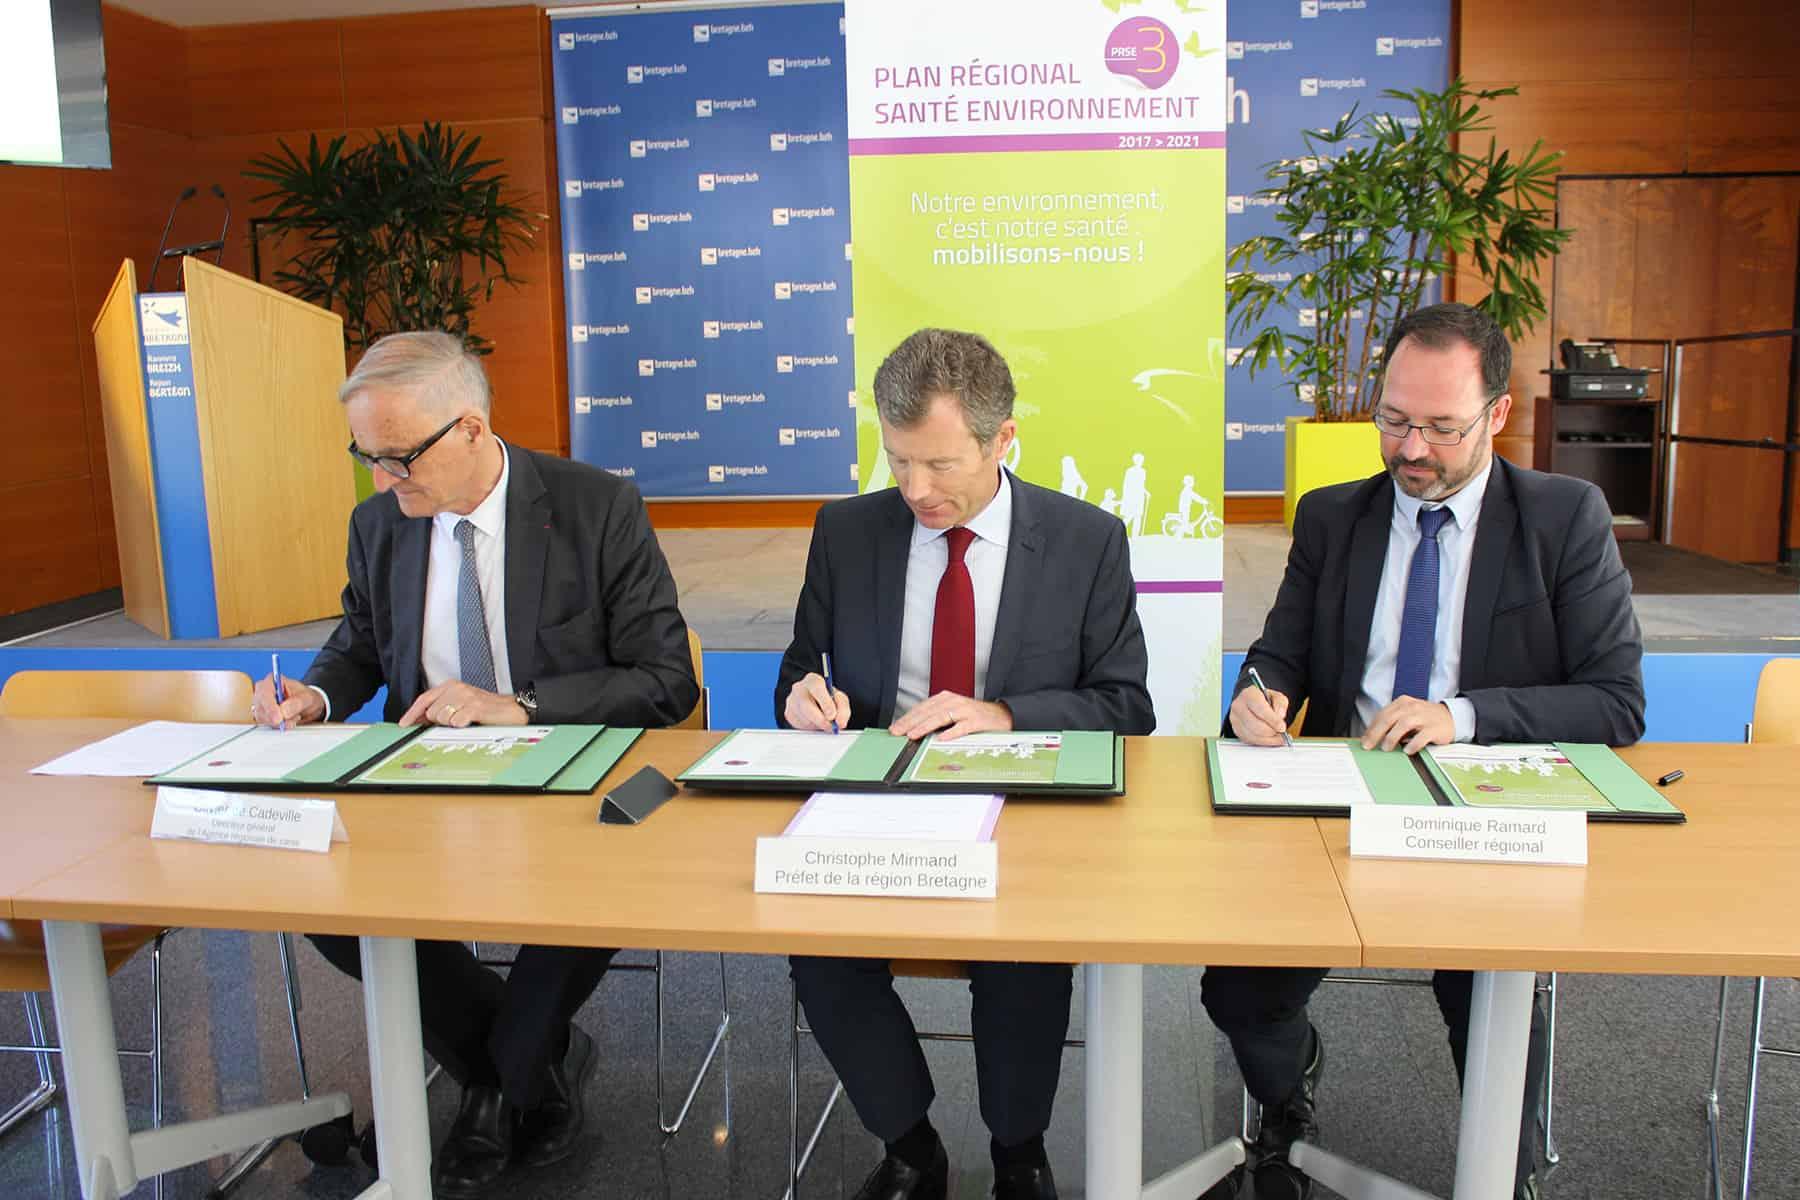 Cérémonie de signature du PSRE 3 entre l'ARS, la préfecture de région et le conseil régional : M. de Cadeville, M. Mirmand et M. Ramard (de gauche à droite)